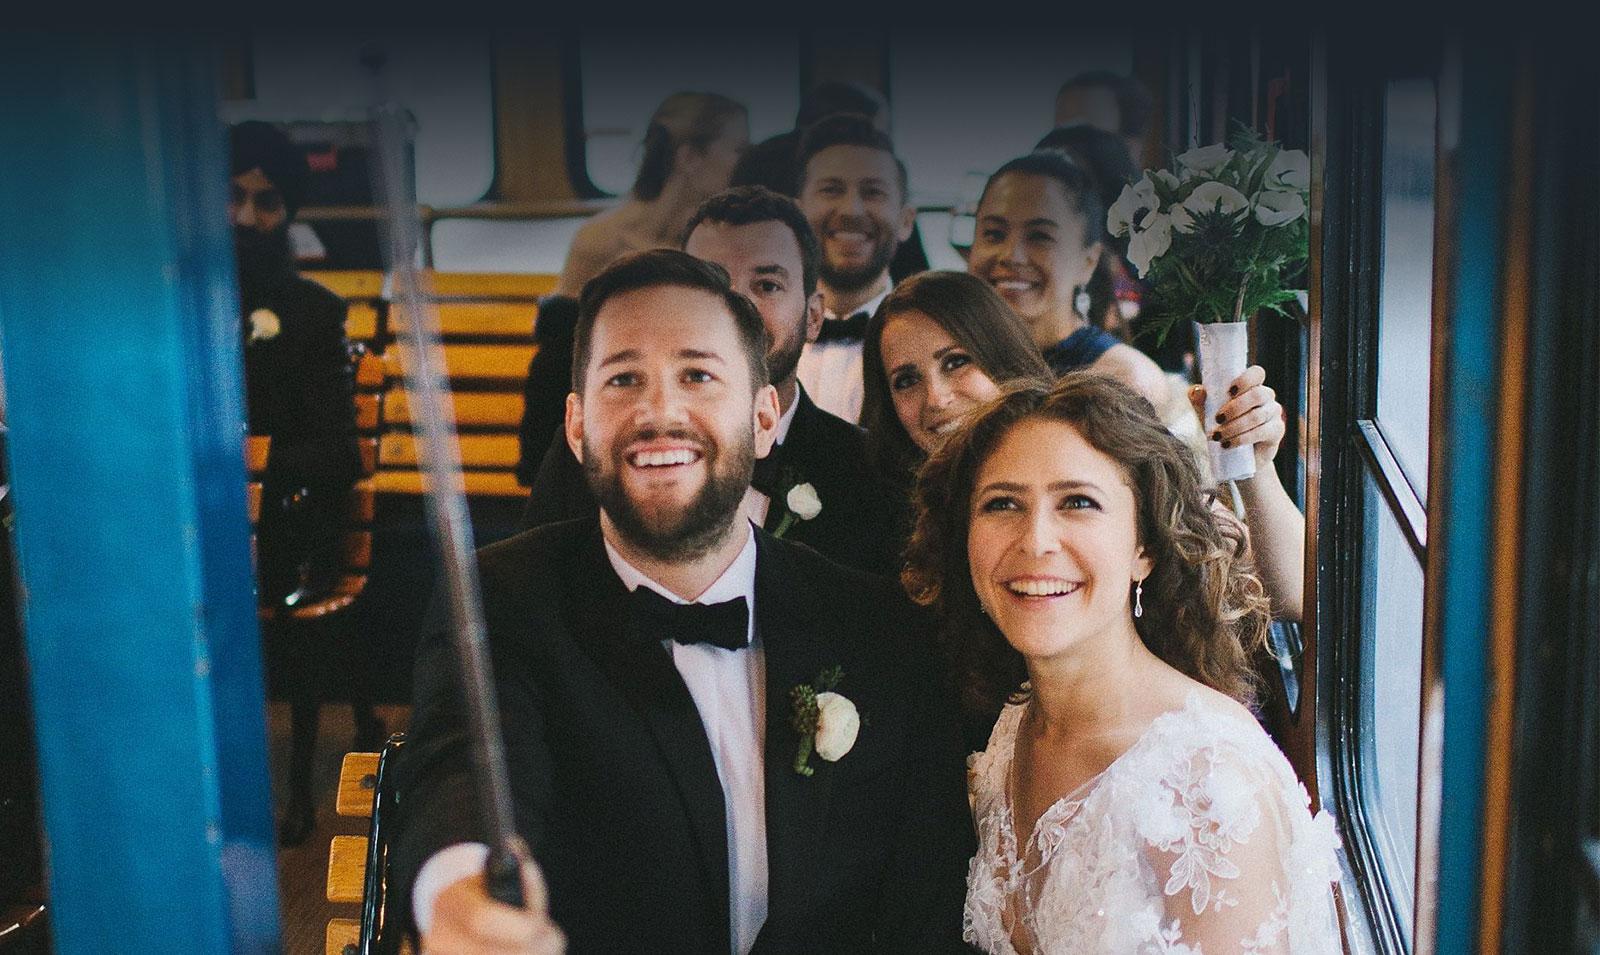 nyc wedding photo trolley transportation